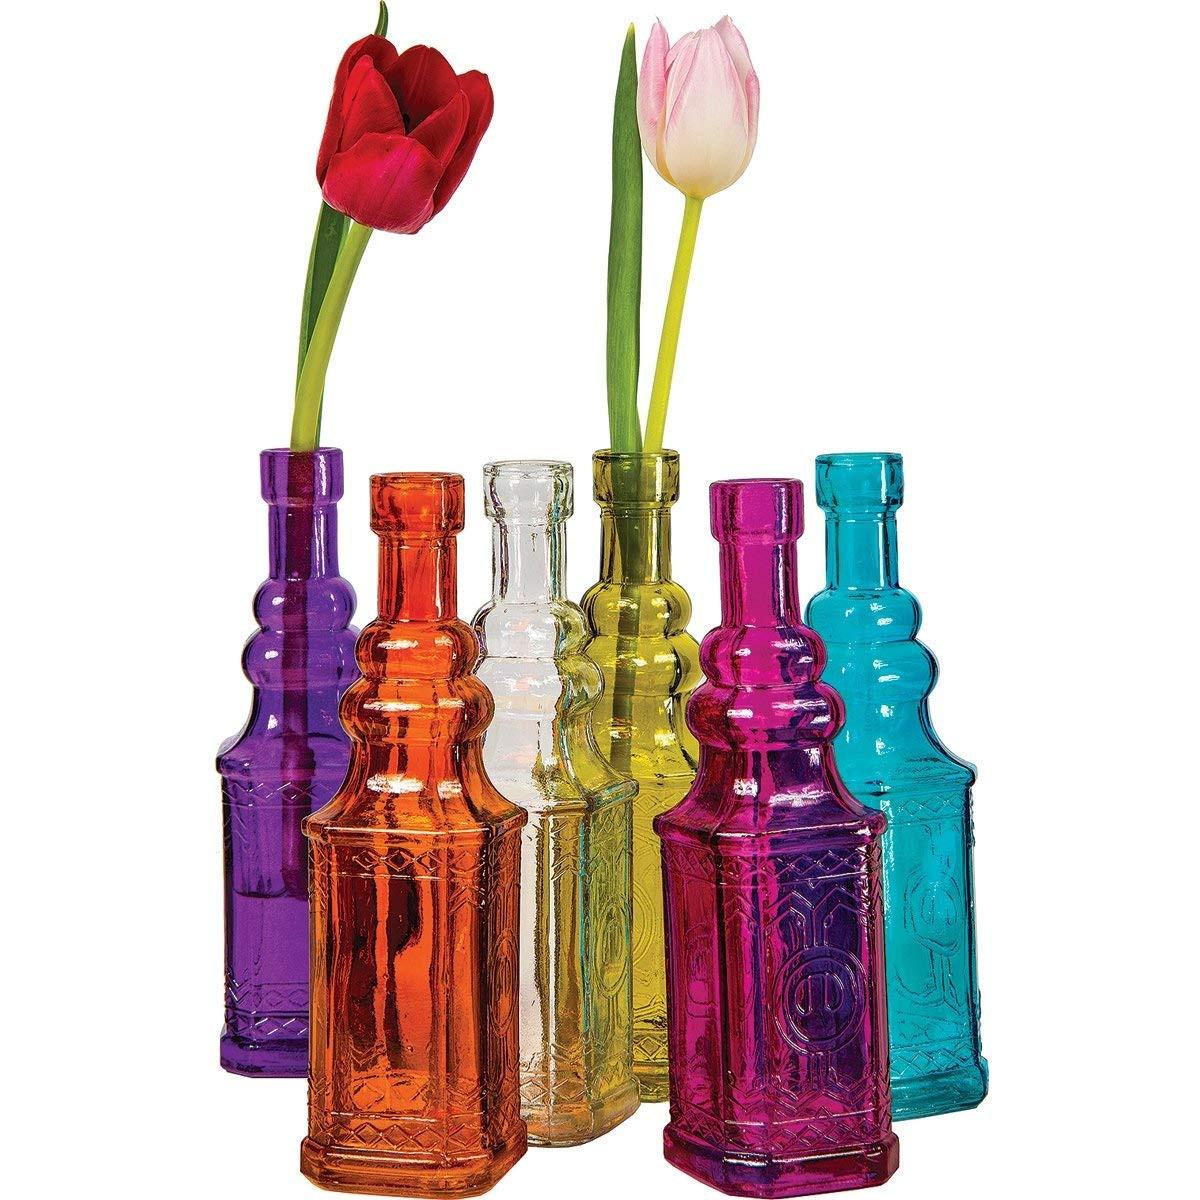 Mini Glass Bud Vases Bulk Of Durable Modeling Luna Bazaar Small Vintage Glass Bottle Set 7 Inch Intended for Durable Modeling Luna Bazaar Small Vintage Glass Bottle Set 7 Inch Ella Design